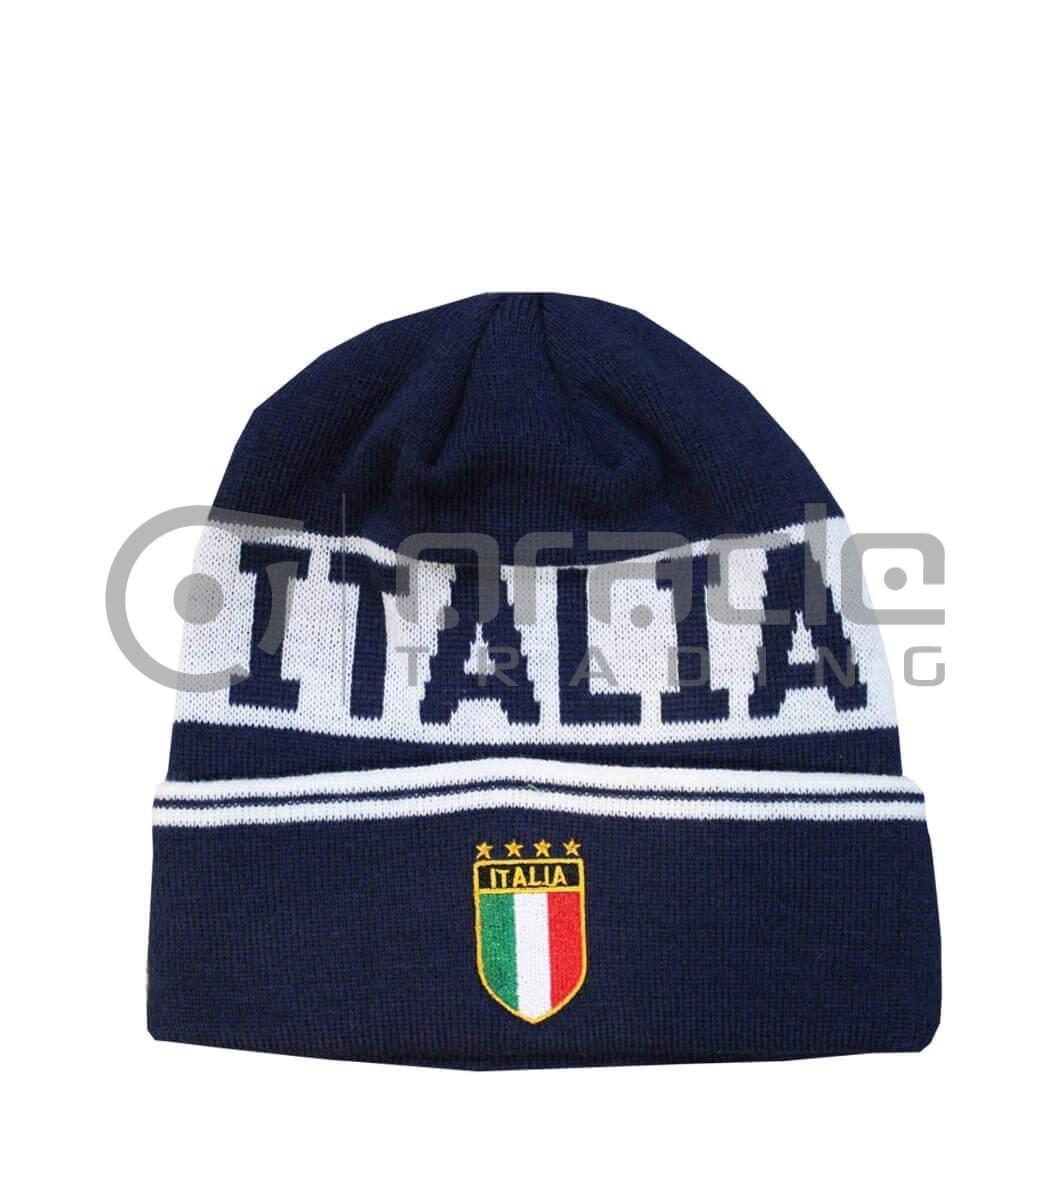 Italia Fold-up Beanie (Navy)